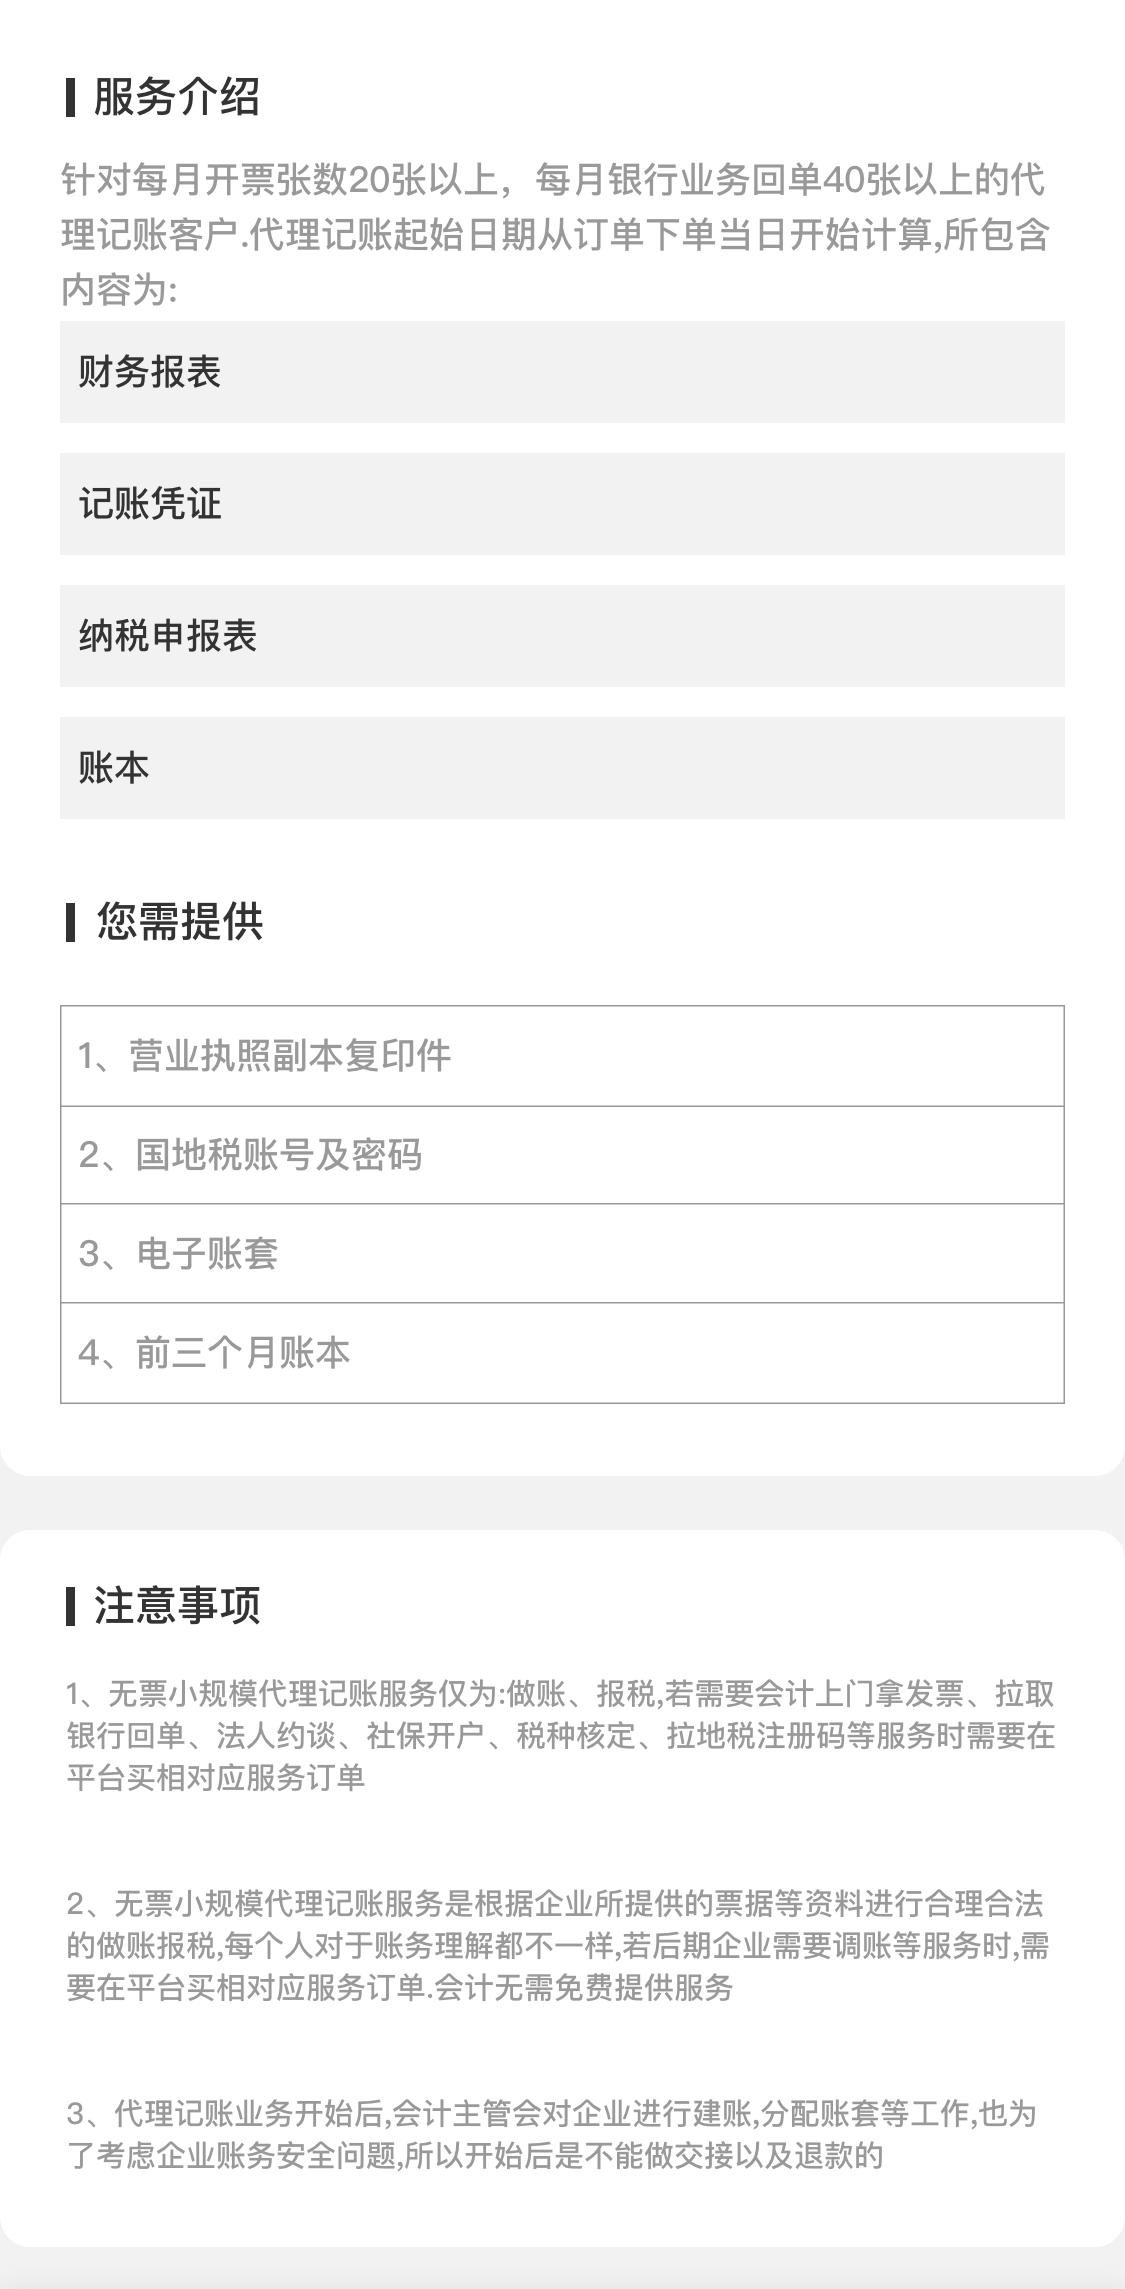 一般纳税人代理记账 copy.png